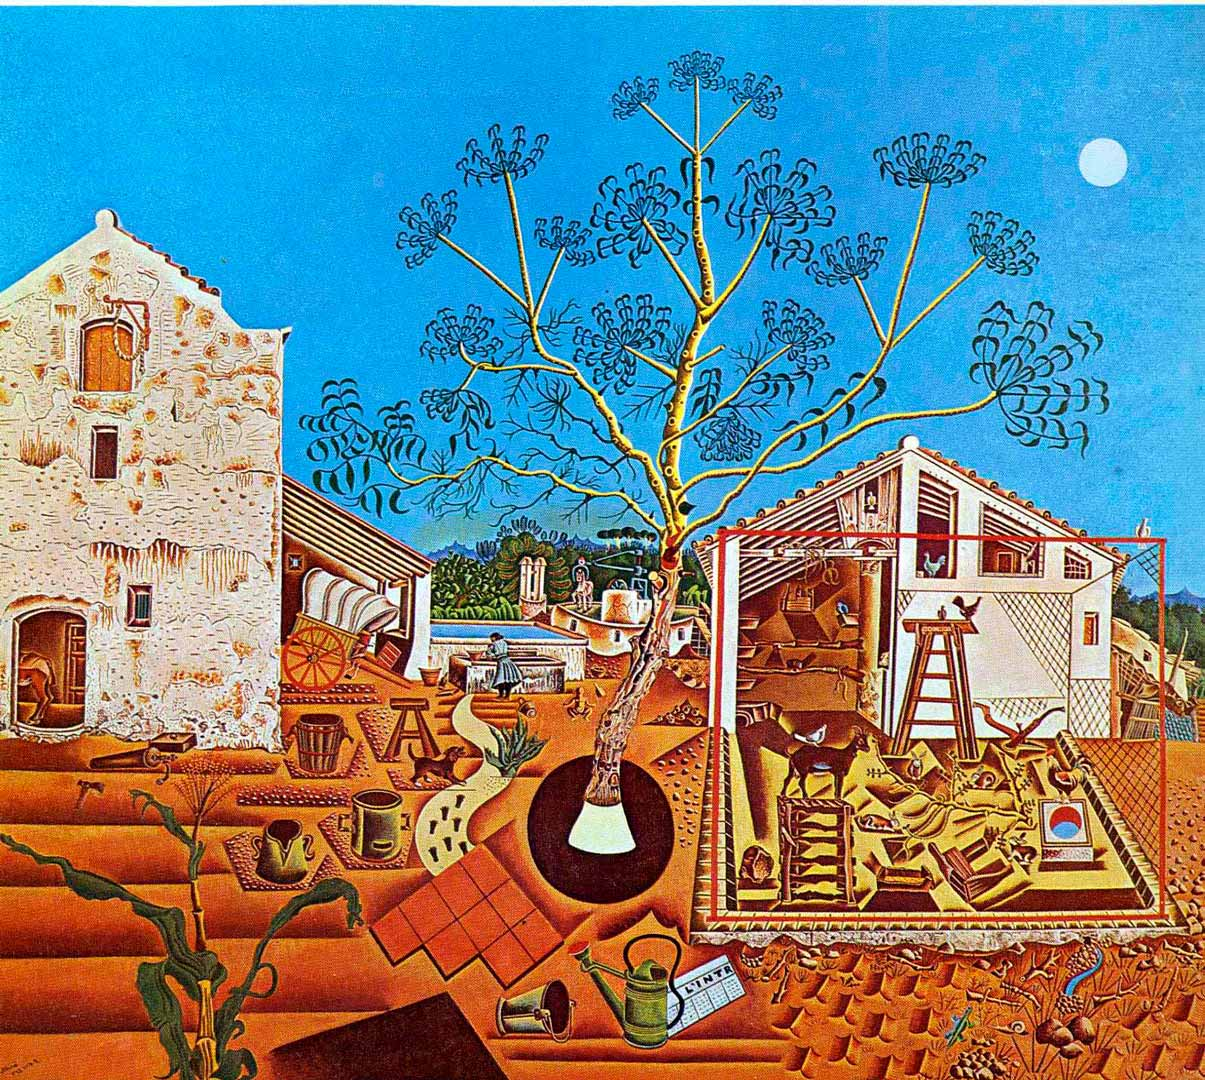 La Masía - Cuadro Cubista pintado por Joan Miró en 1920 - Óleo sobre Lienzo 123 x 141 cm